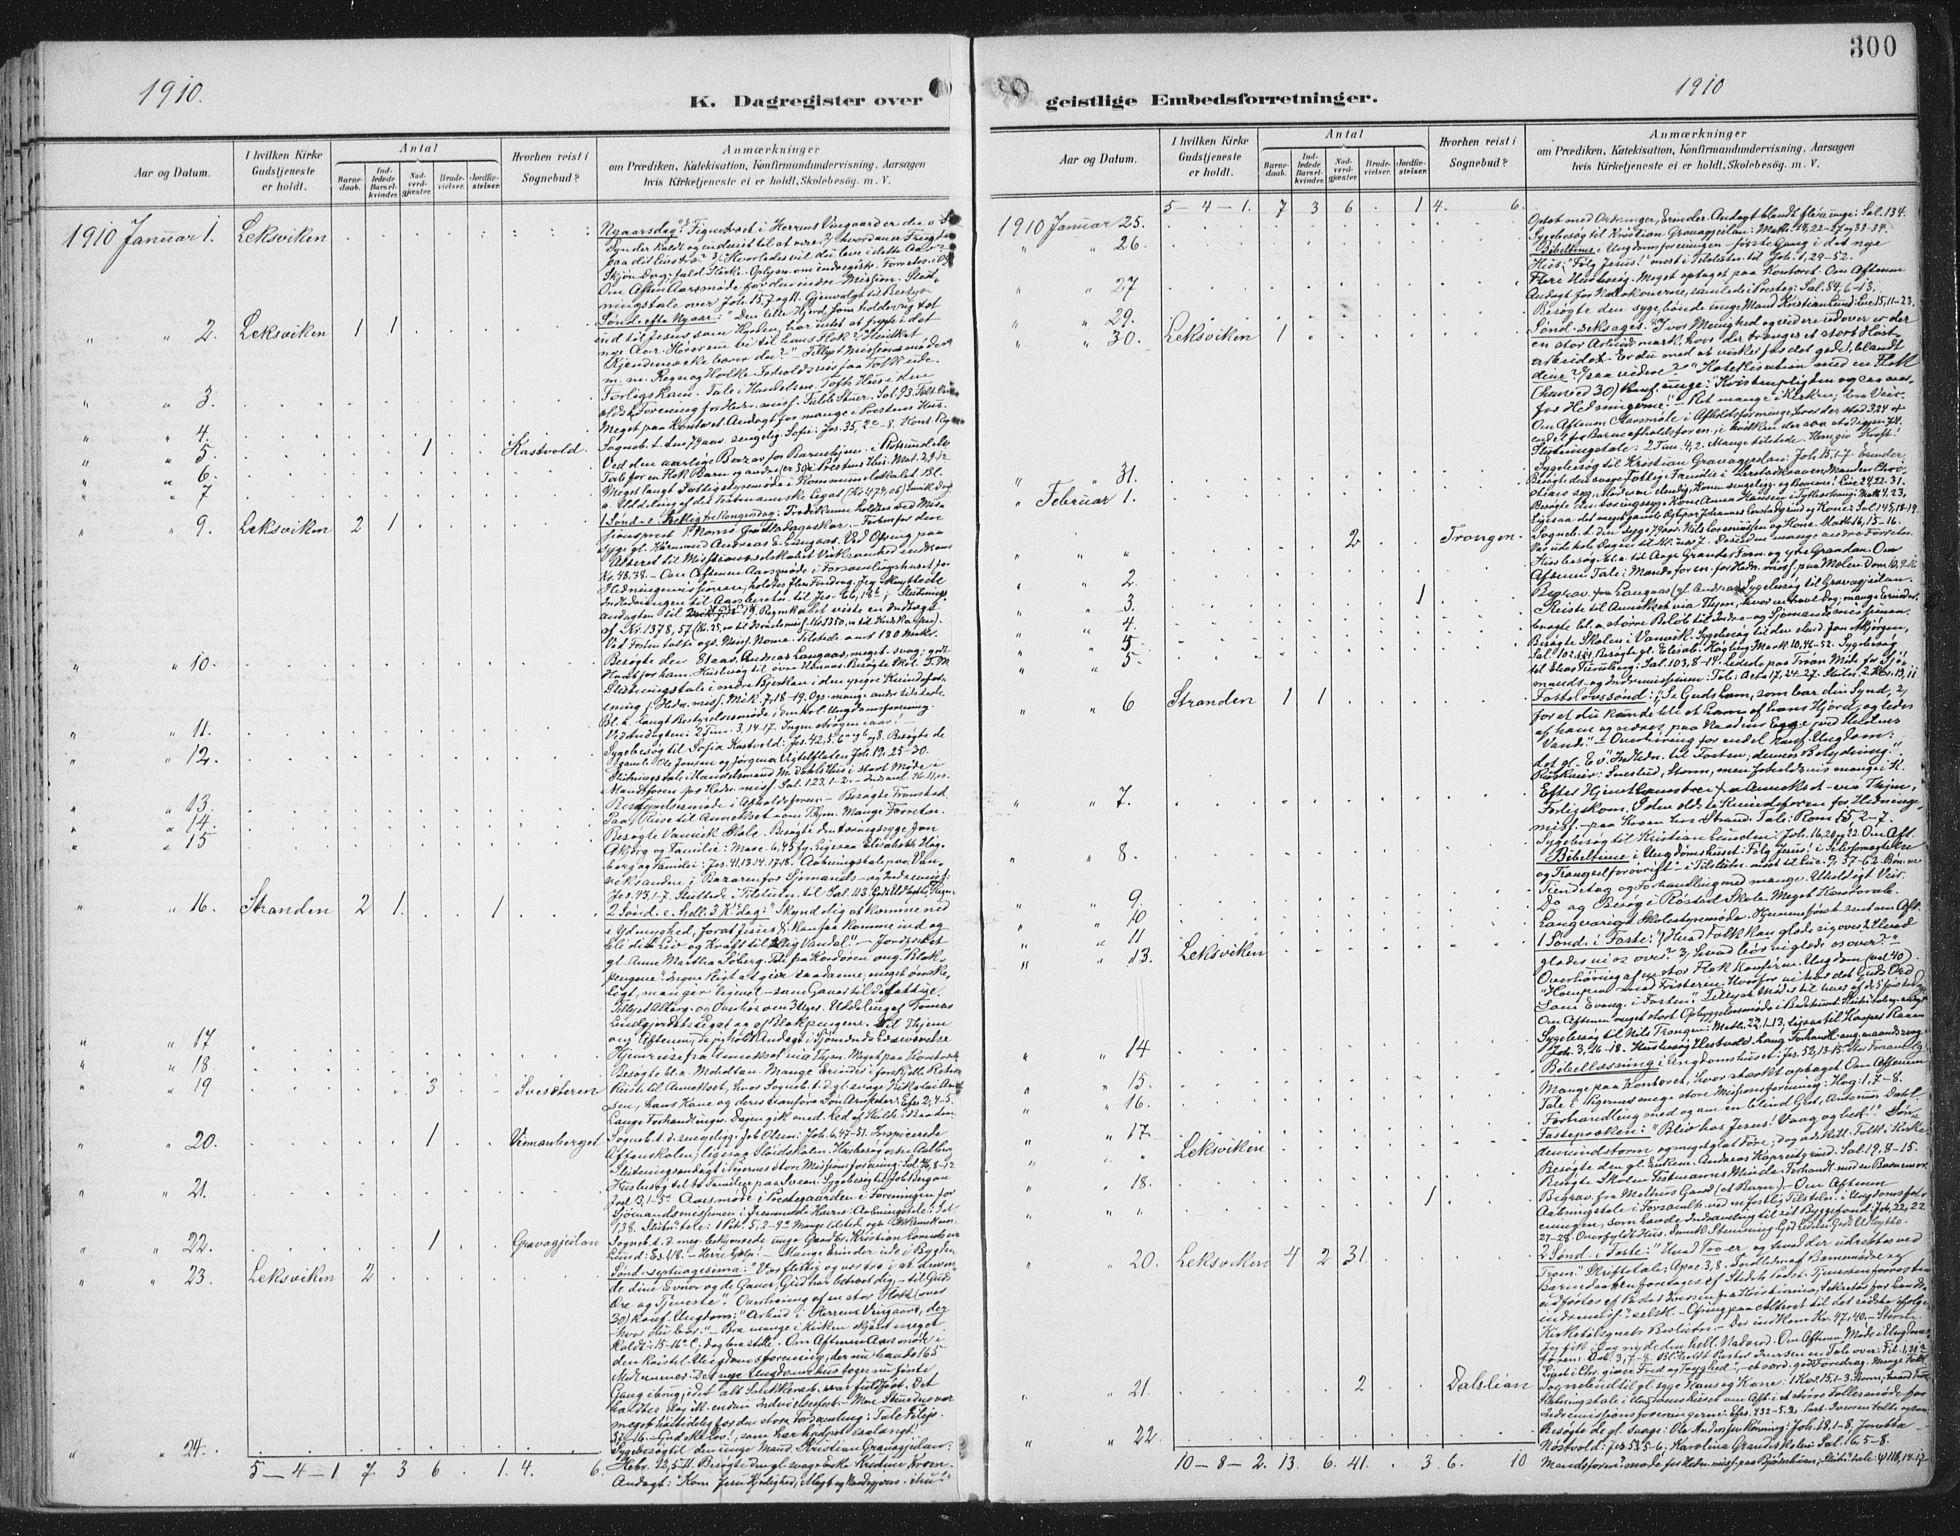 SAT, Ministerialprotokoller, klokkerbøker og fødselsregistre - Nord-Trøndelag, 701/L0011: Parish register (official) no. 701A11, 1899-1915, p. 300